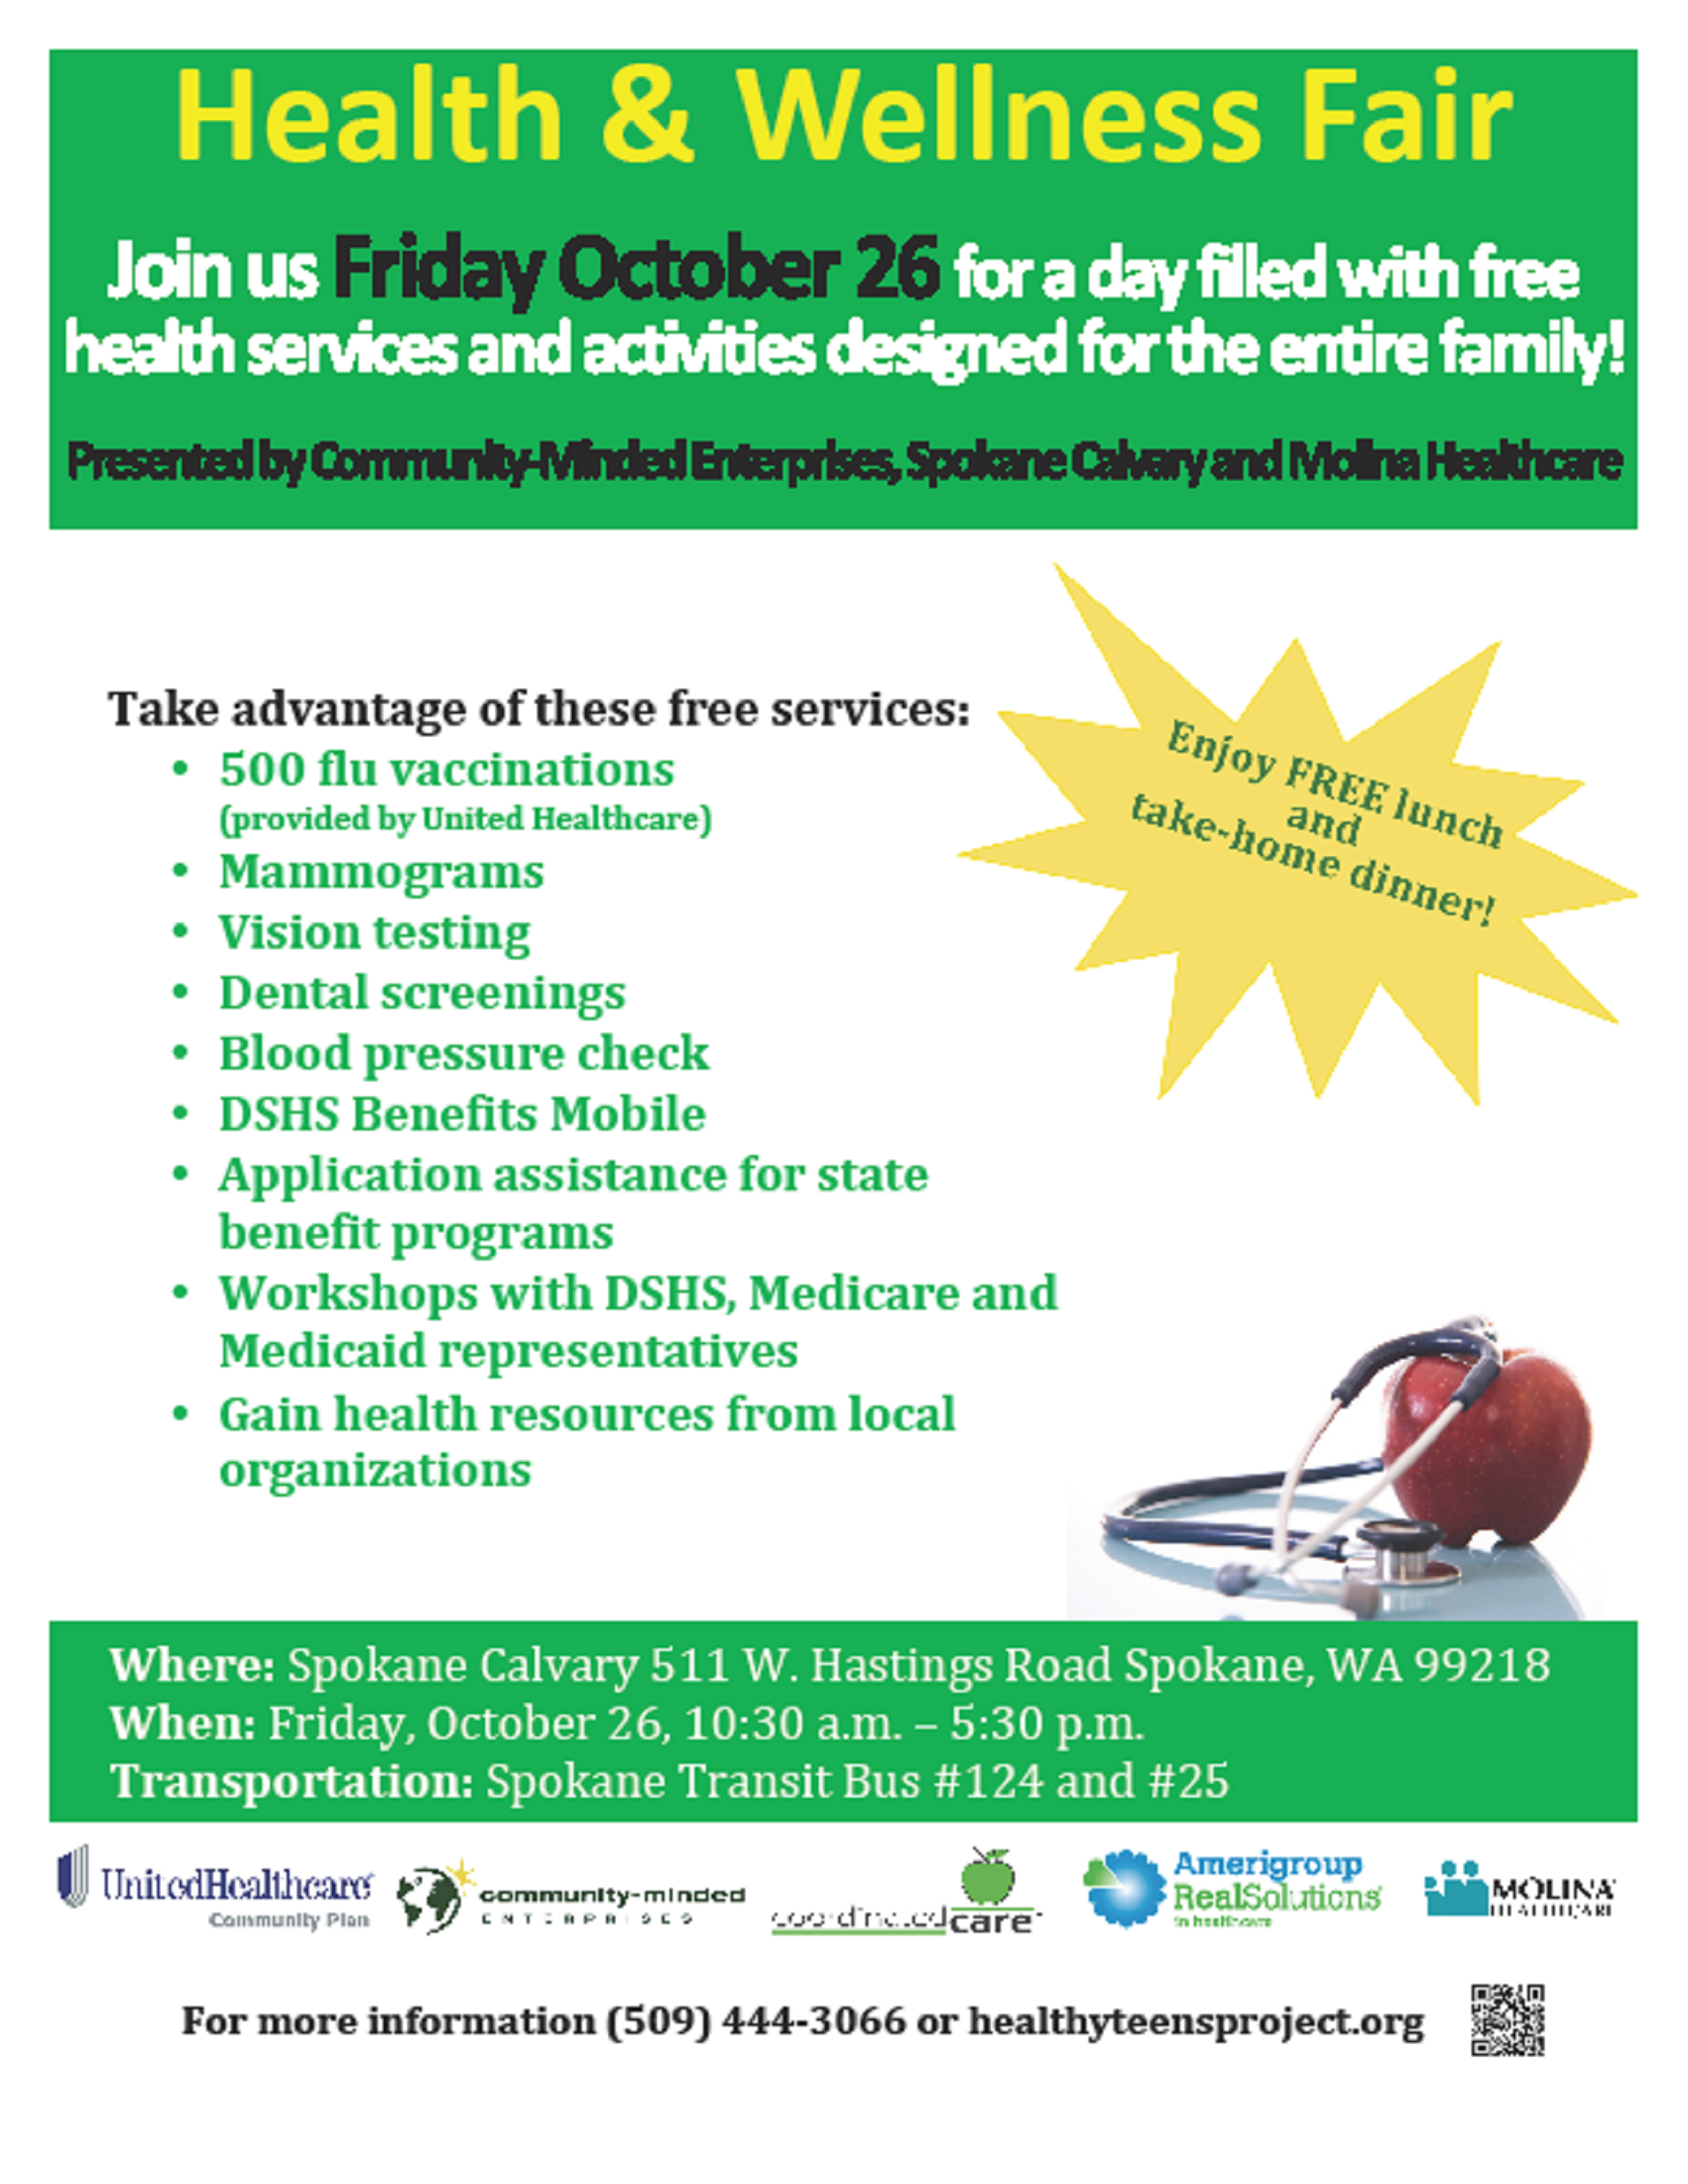 Health And Wellness Fair Flyer